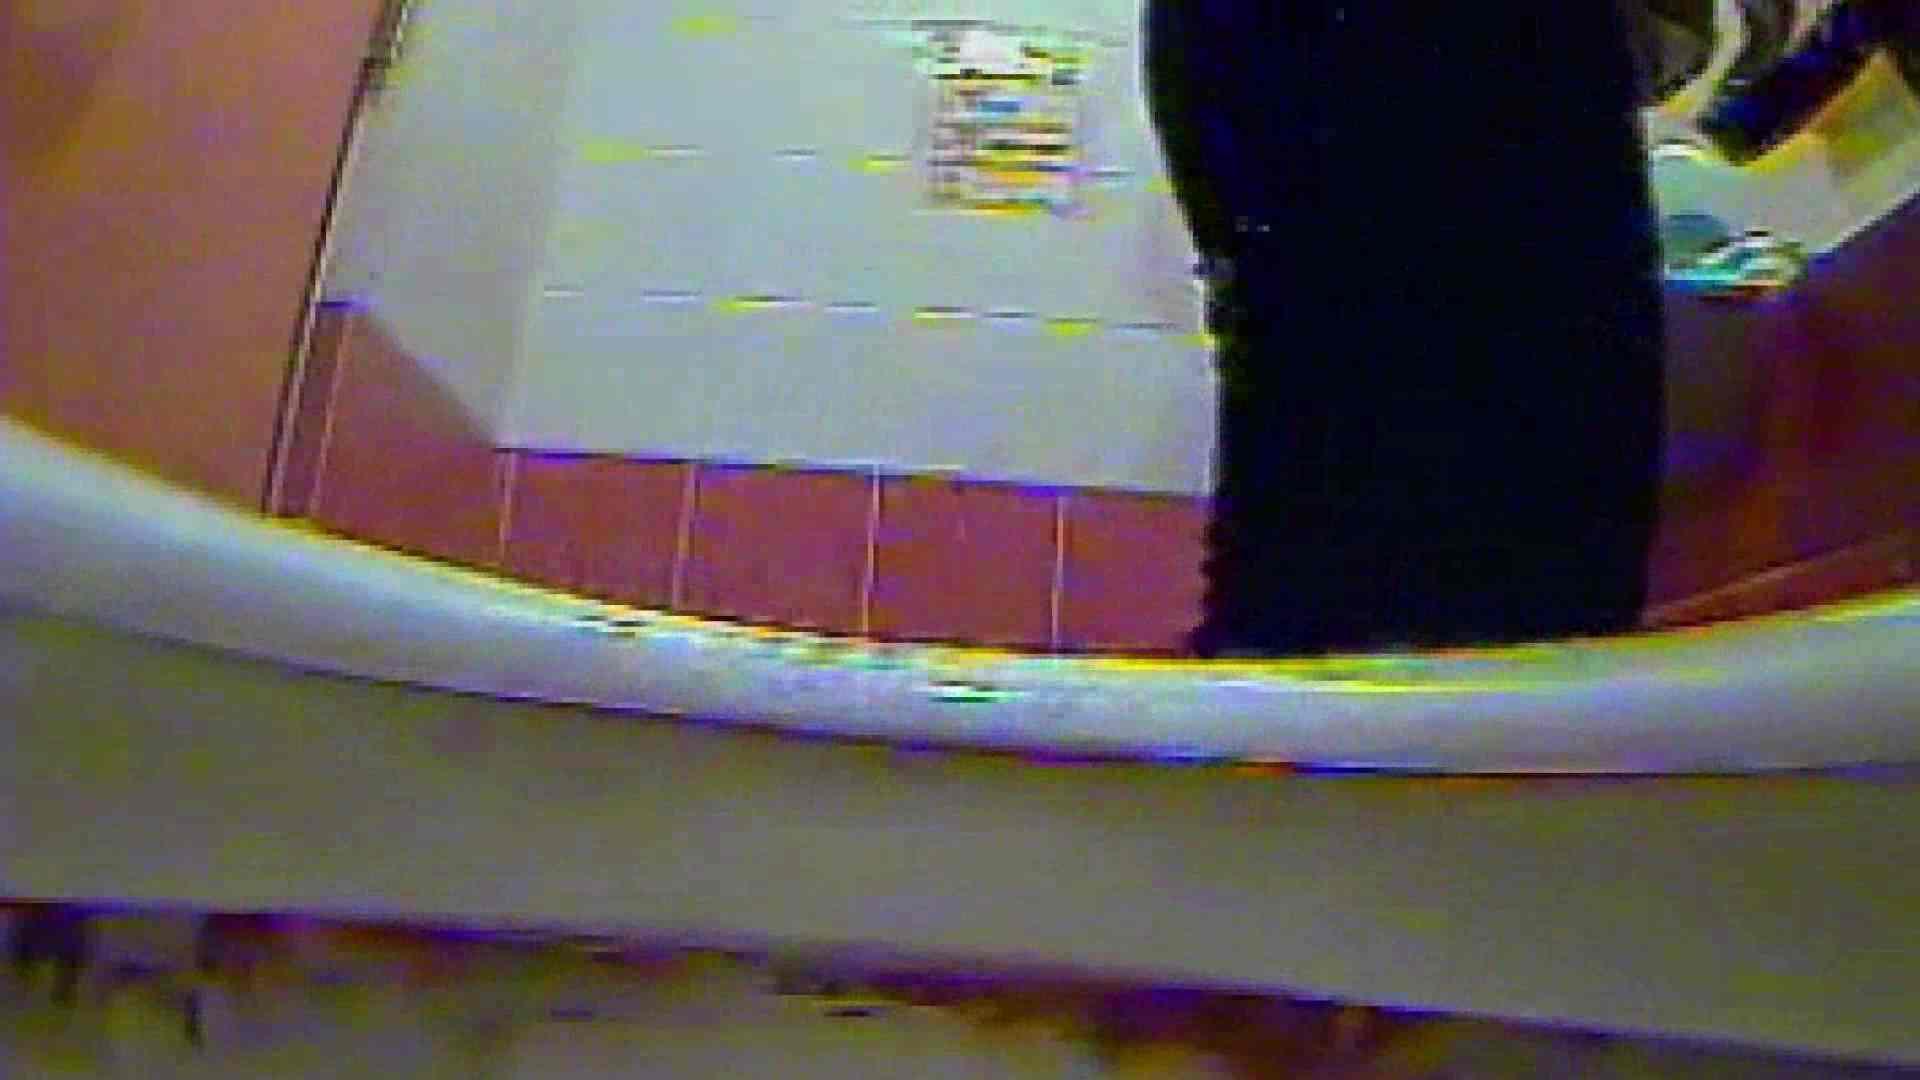 キレカワ女子大生の秘密の洗面所!Vol.011 洗面所はめどり 盗撮動画紹介 56画像 35